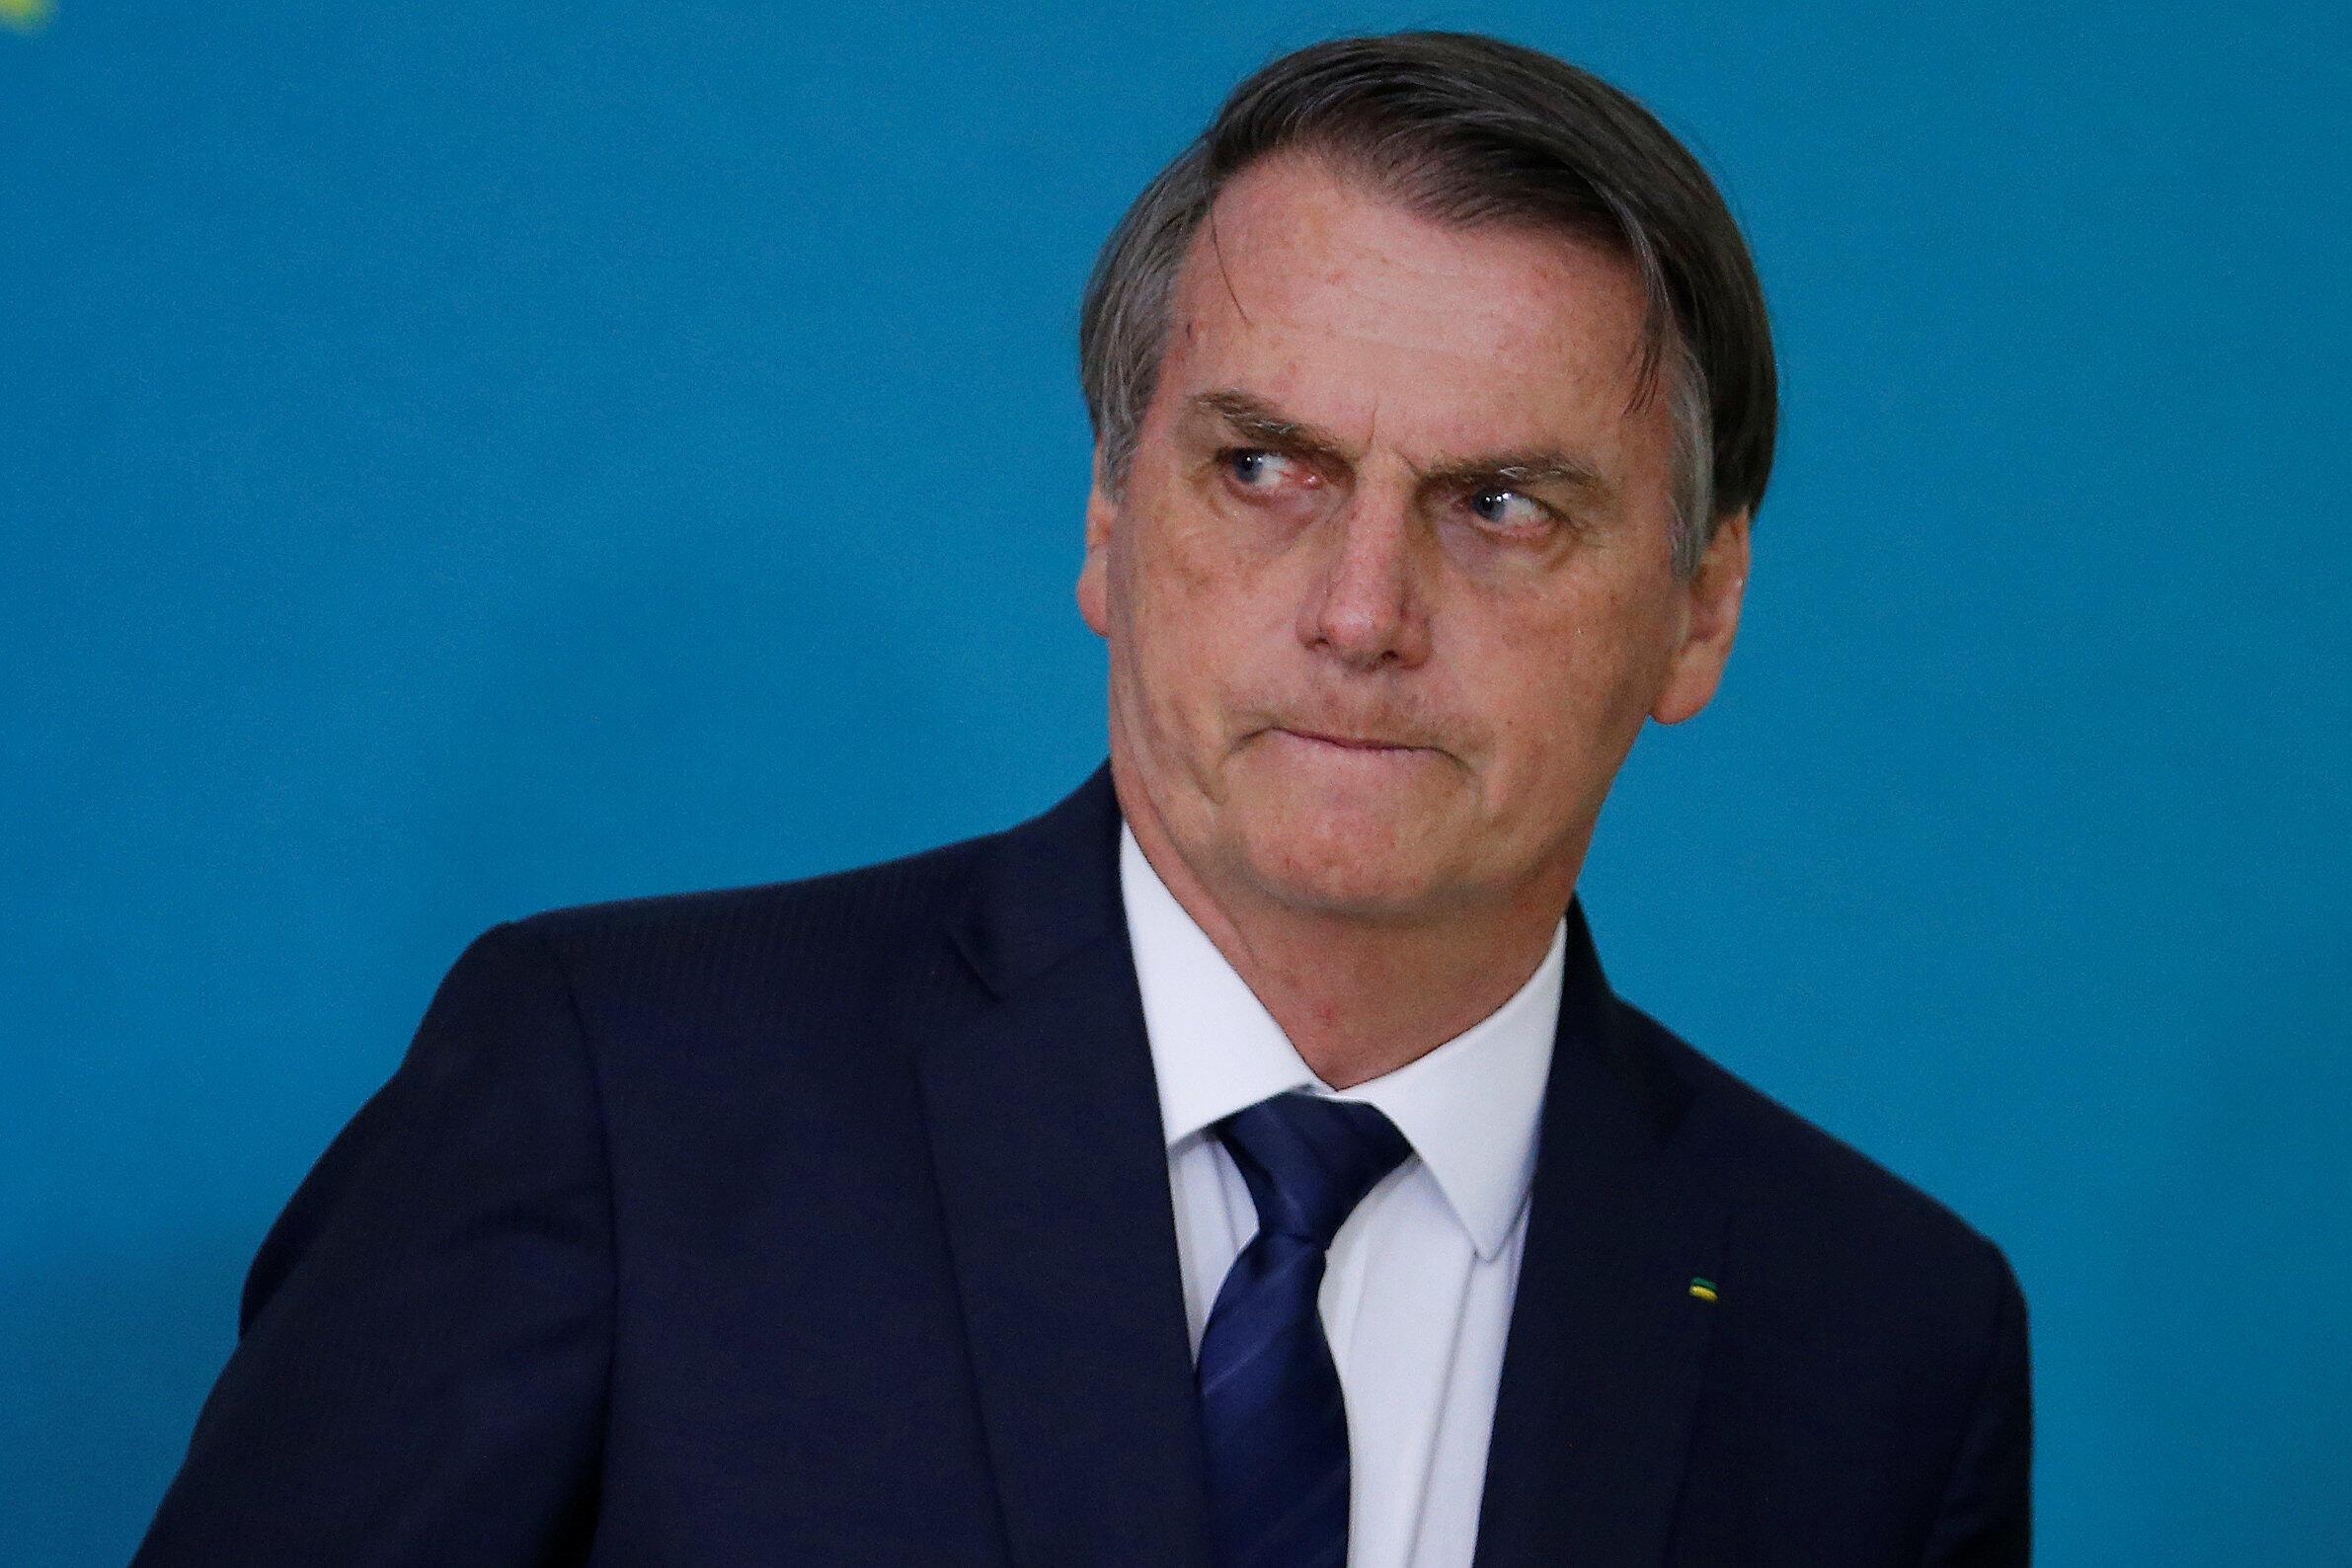 O presidente do Brasil, Jair Bolsonaro, assiste à cerimônia de apresentação da 2ª fase da campanha publicitária do projeto de reforma da Previdência no Palácio do Planalto, em Brasília, no dia 20 de maio de 2019.